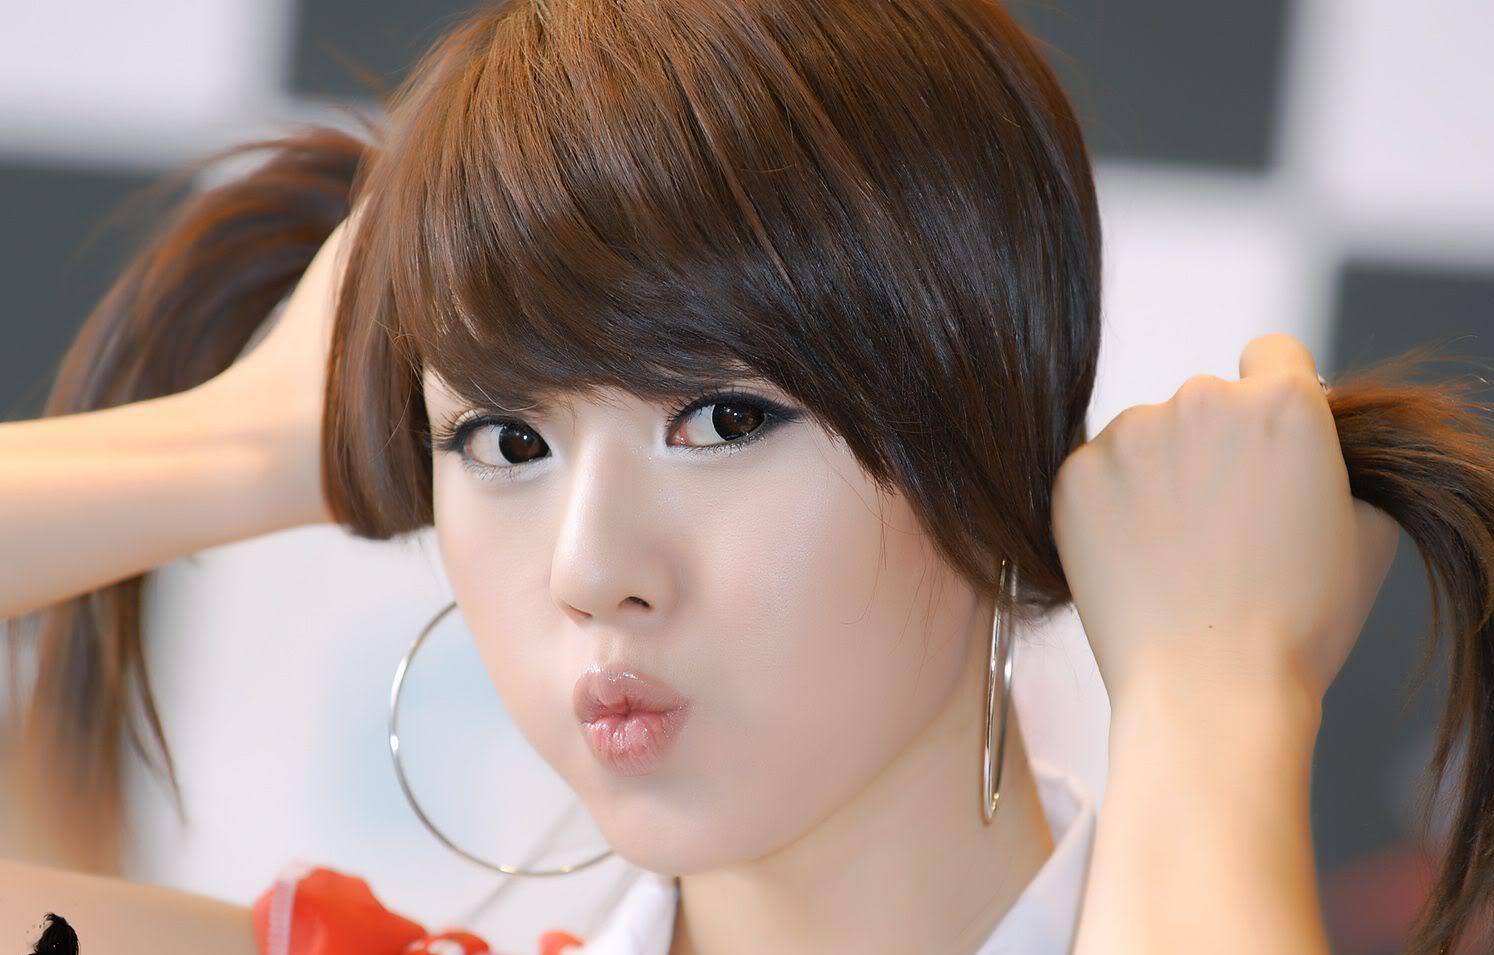 بالصور فتيات كوريات كيوت , اجمل خلفيات للبنات الكوريات 1265 5